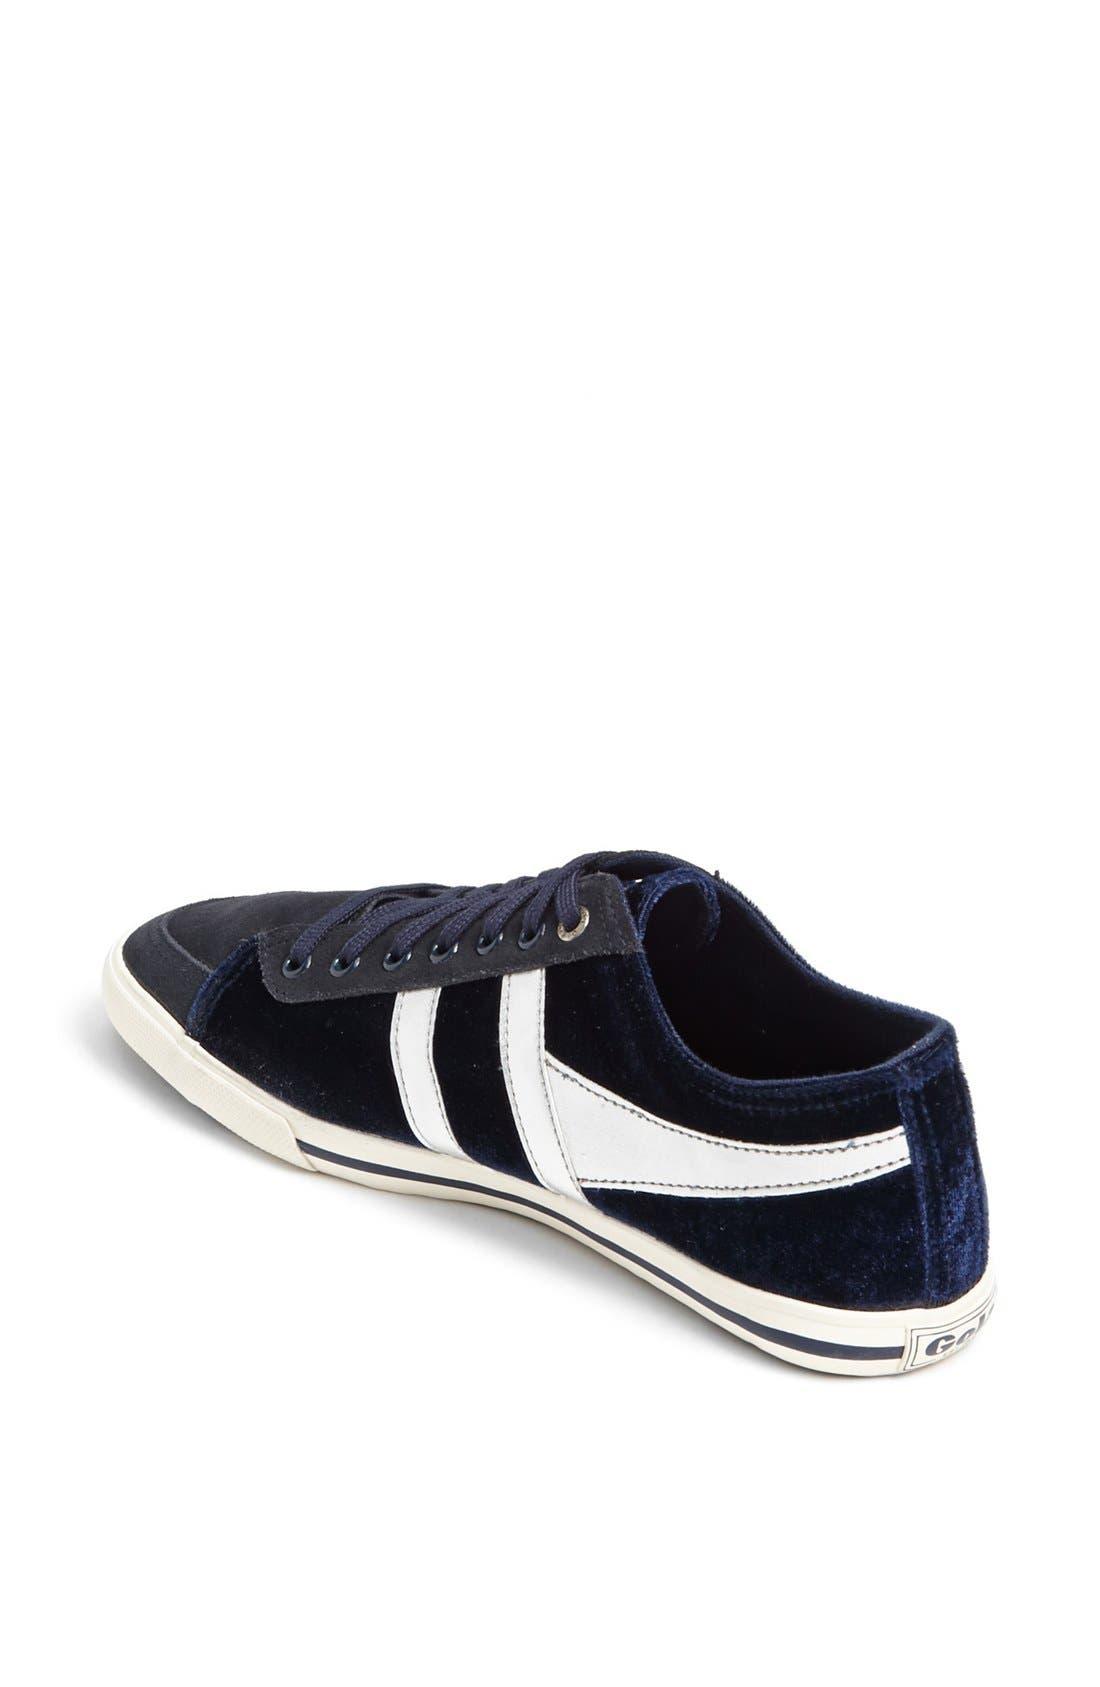 Alternate Image 2  - Gola 'Quota' Sneaker (Women)